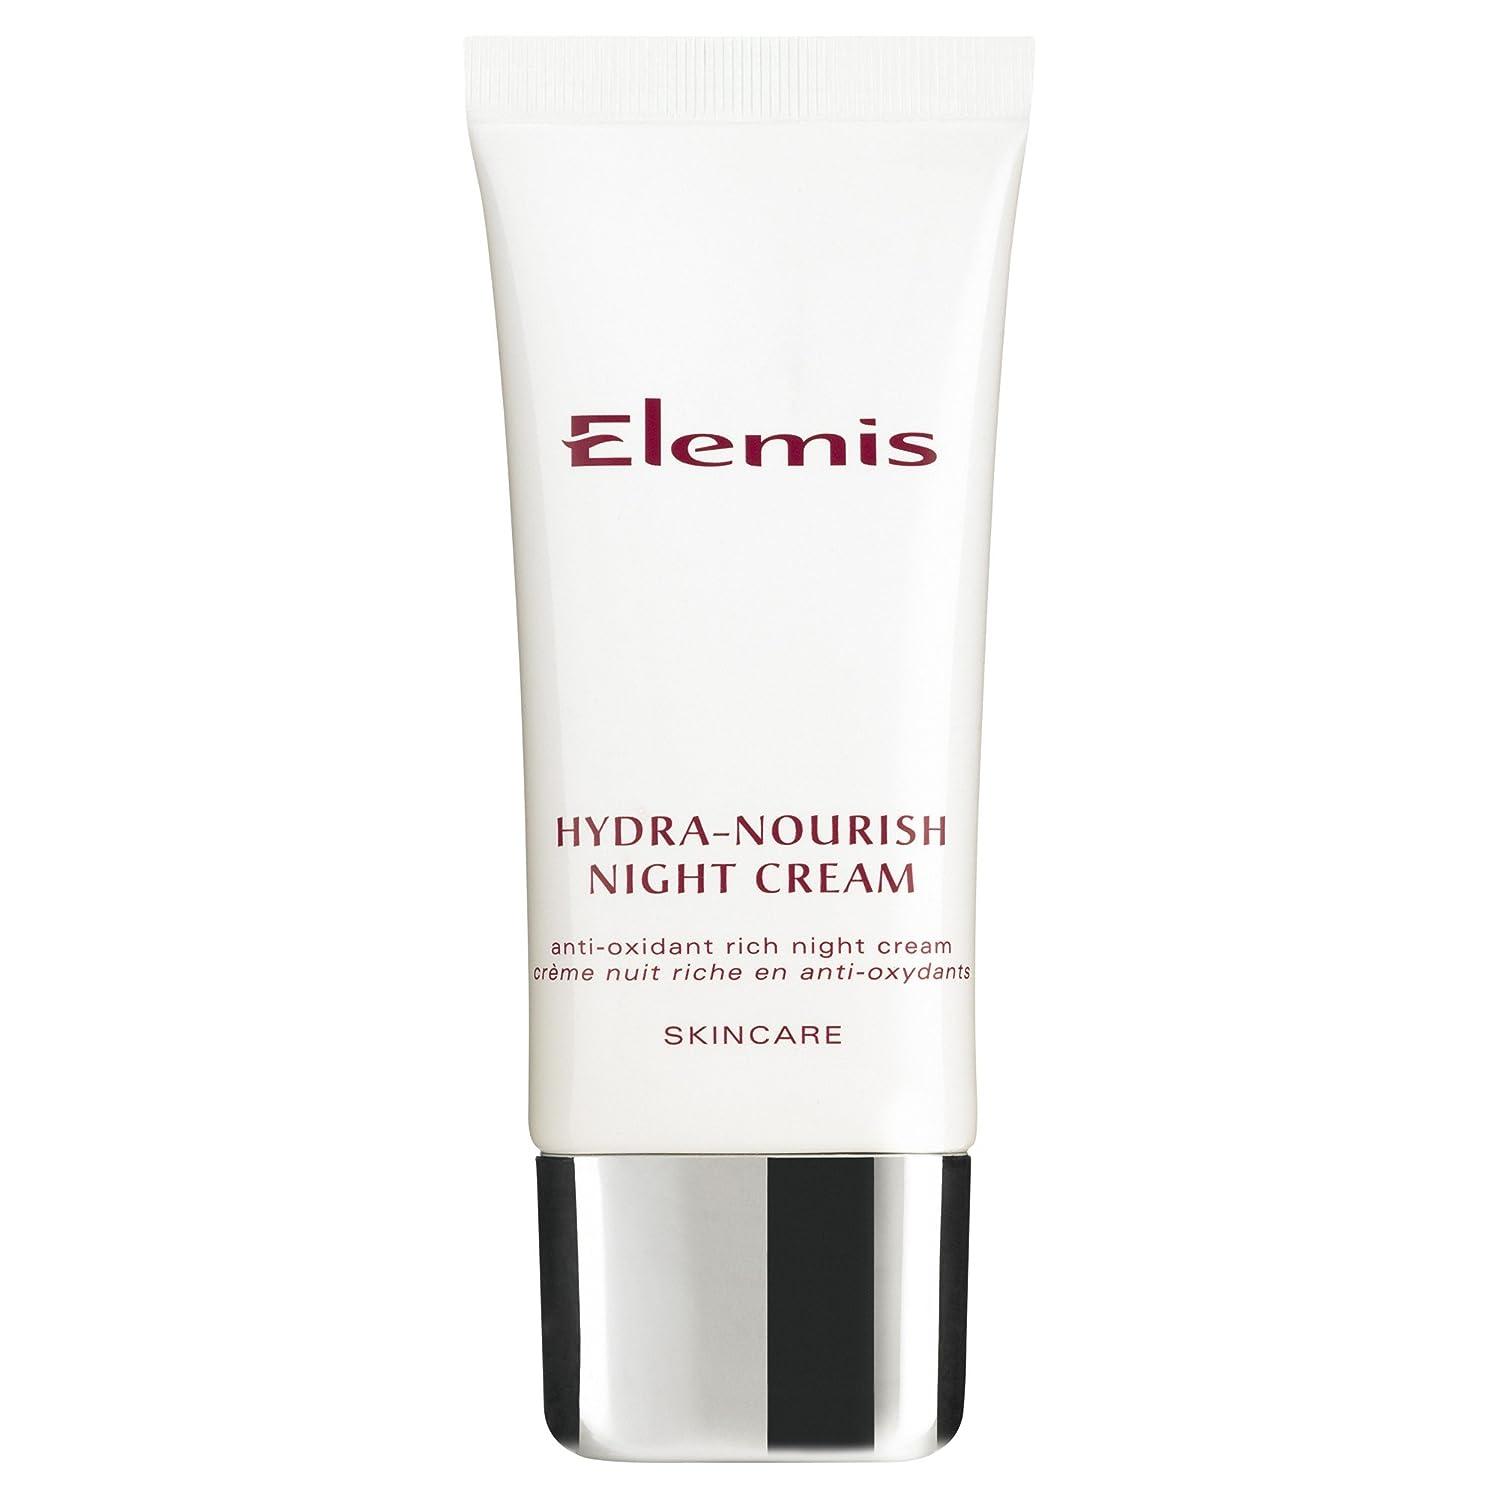 一部発音バングエレミスヒドラ-ナリッシュナイトクリーム50ミリリットル (Elemis) (x2) - Elemis Hydra-Nourish Night Cream 50ml (Pack of 2) [並行輸入品]